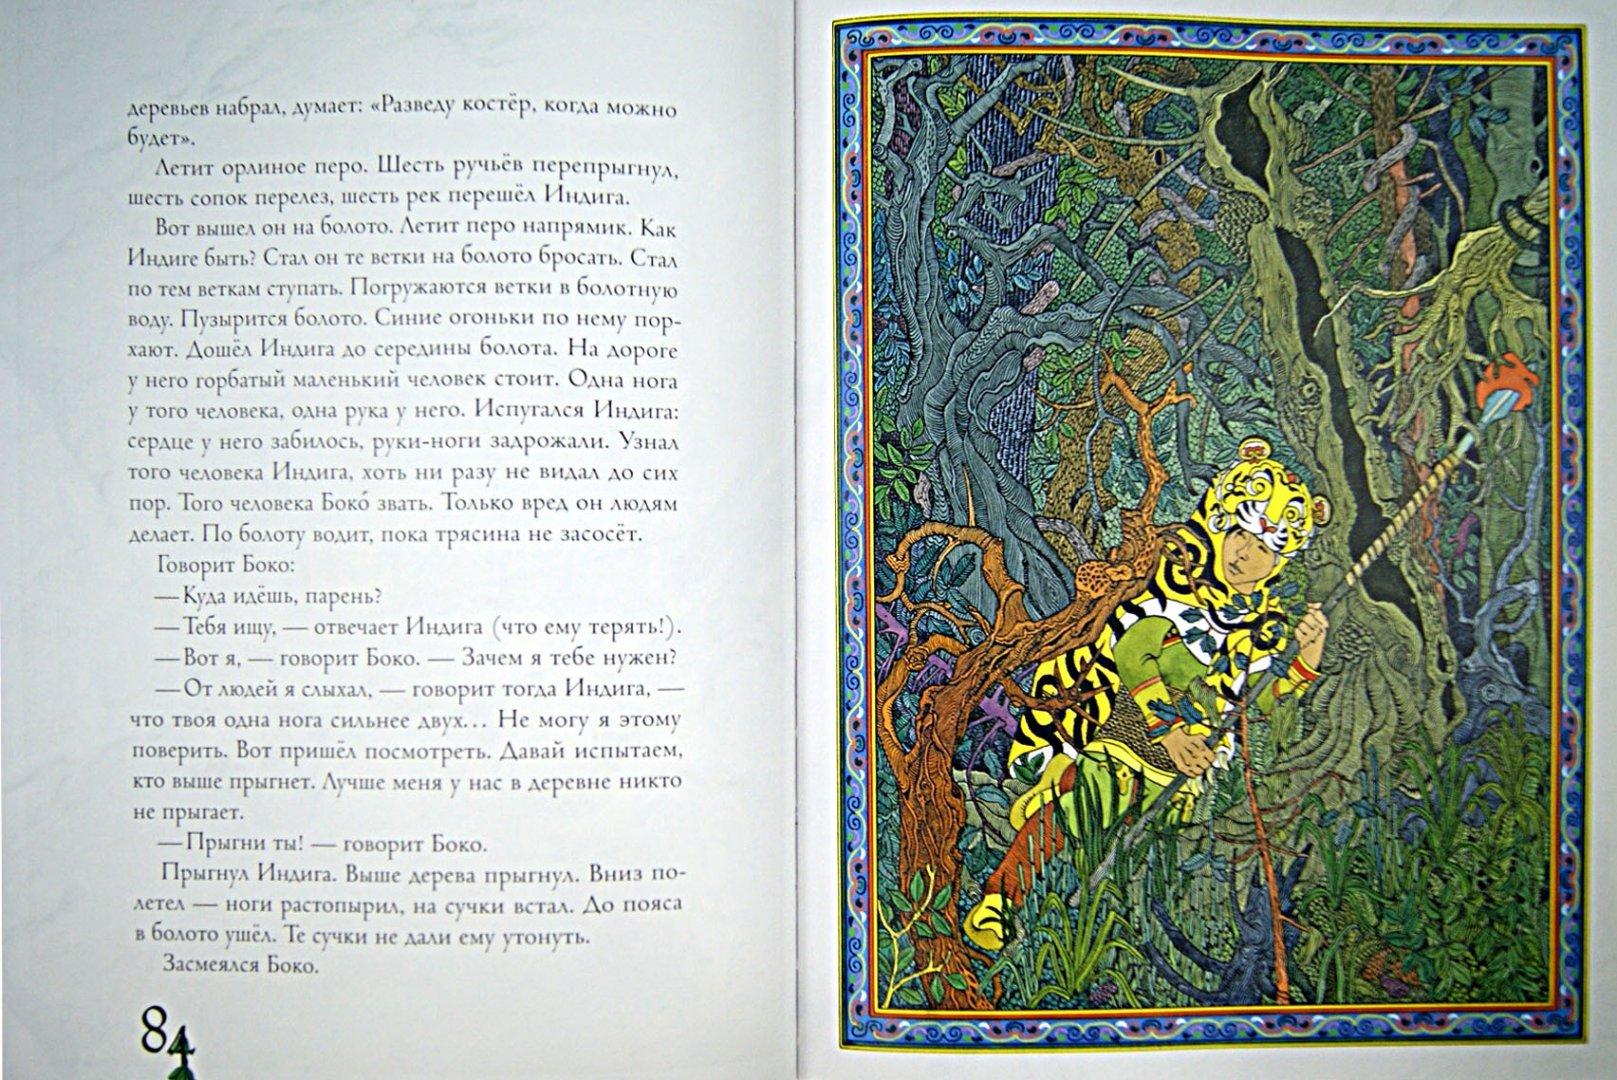 Иллюстрация 1 из 97 для Амурские сказки - Дмитрий Нагишкин | Лабиринт - книги. Источник: Лабиринт